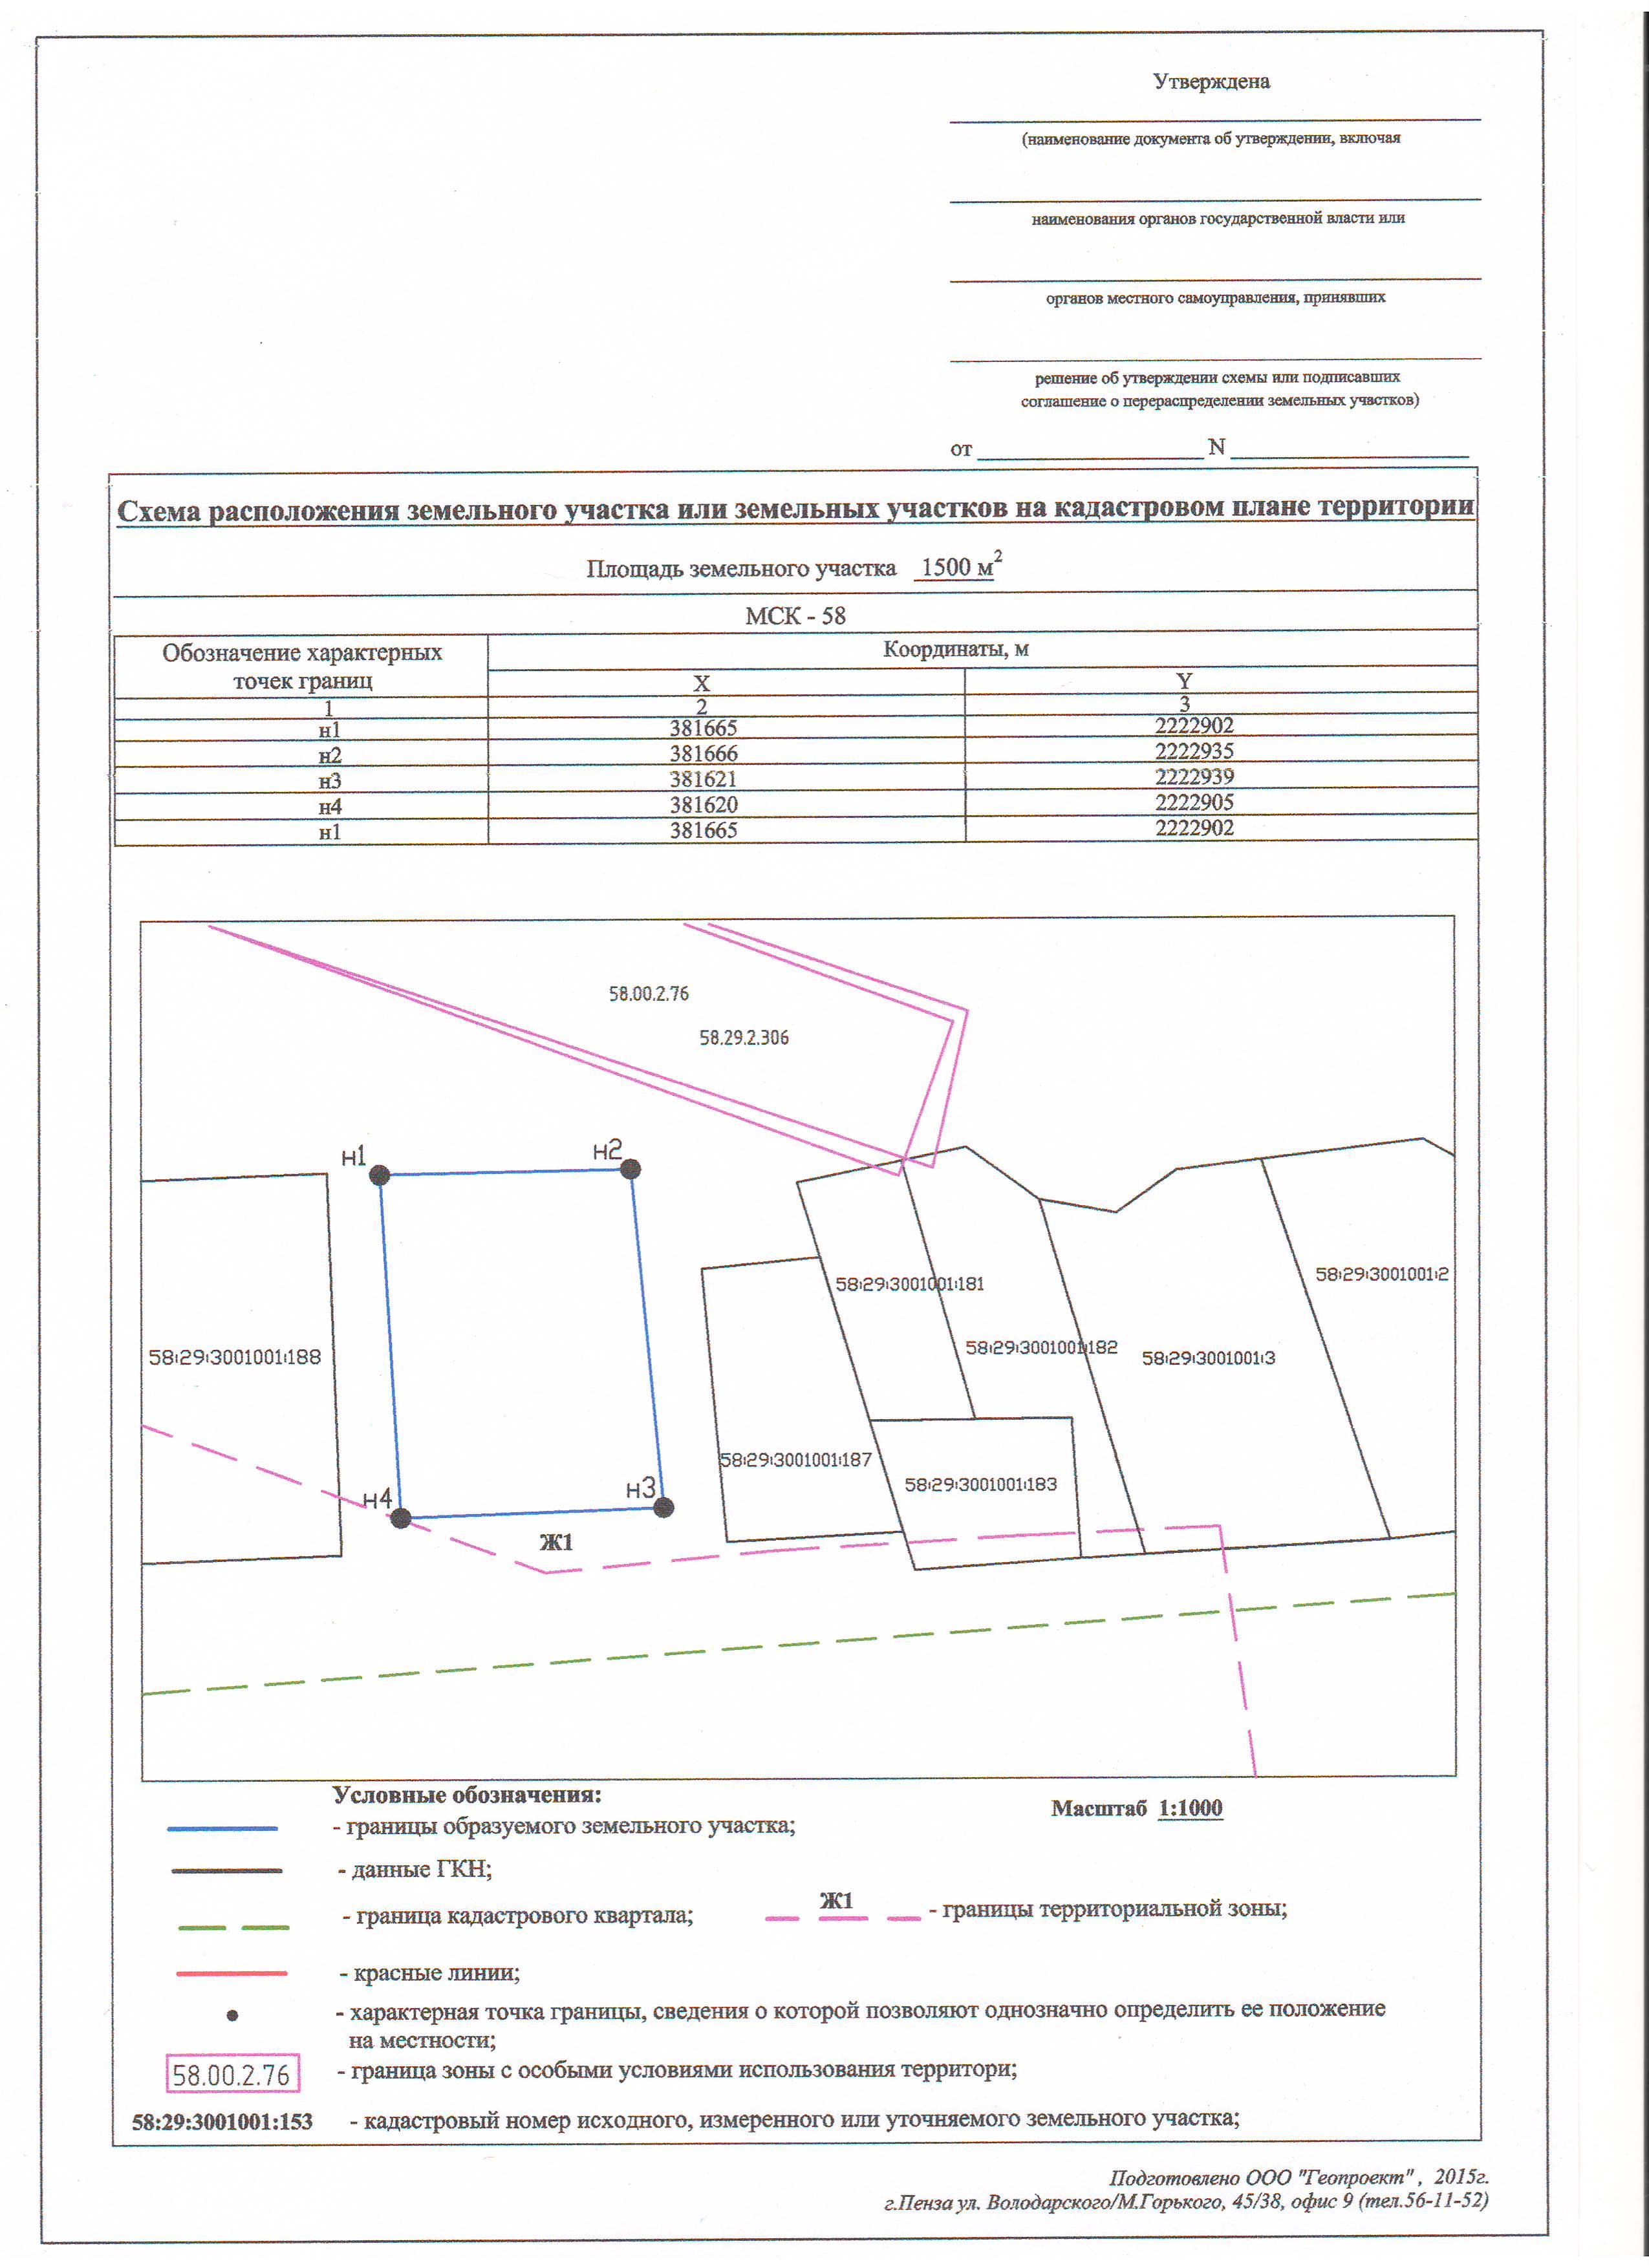 Требования к схеме расположения земельного участка с 1 марта 2015 года